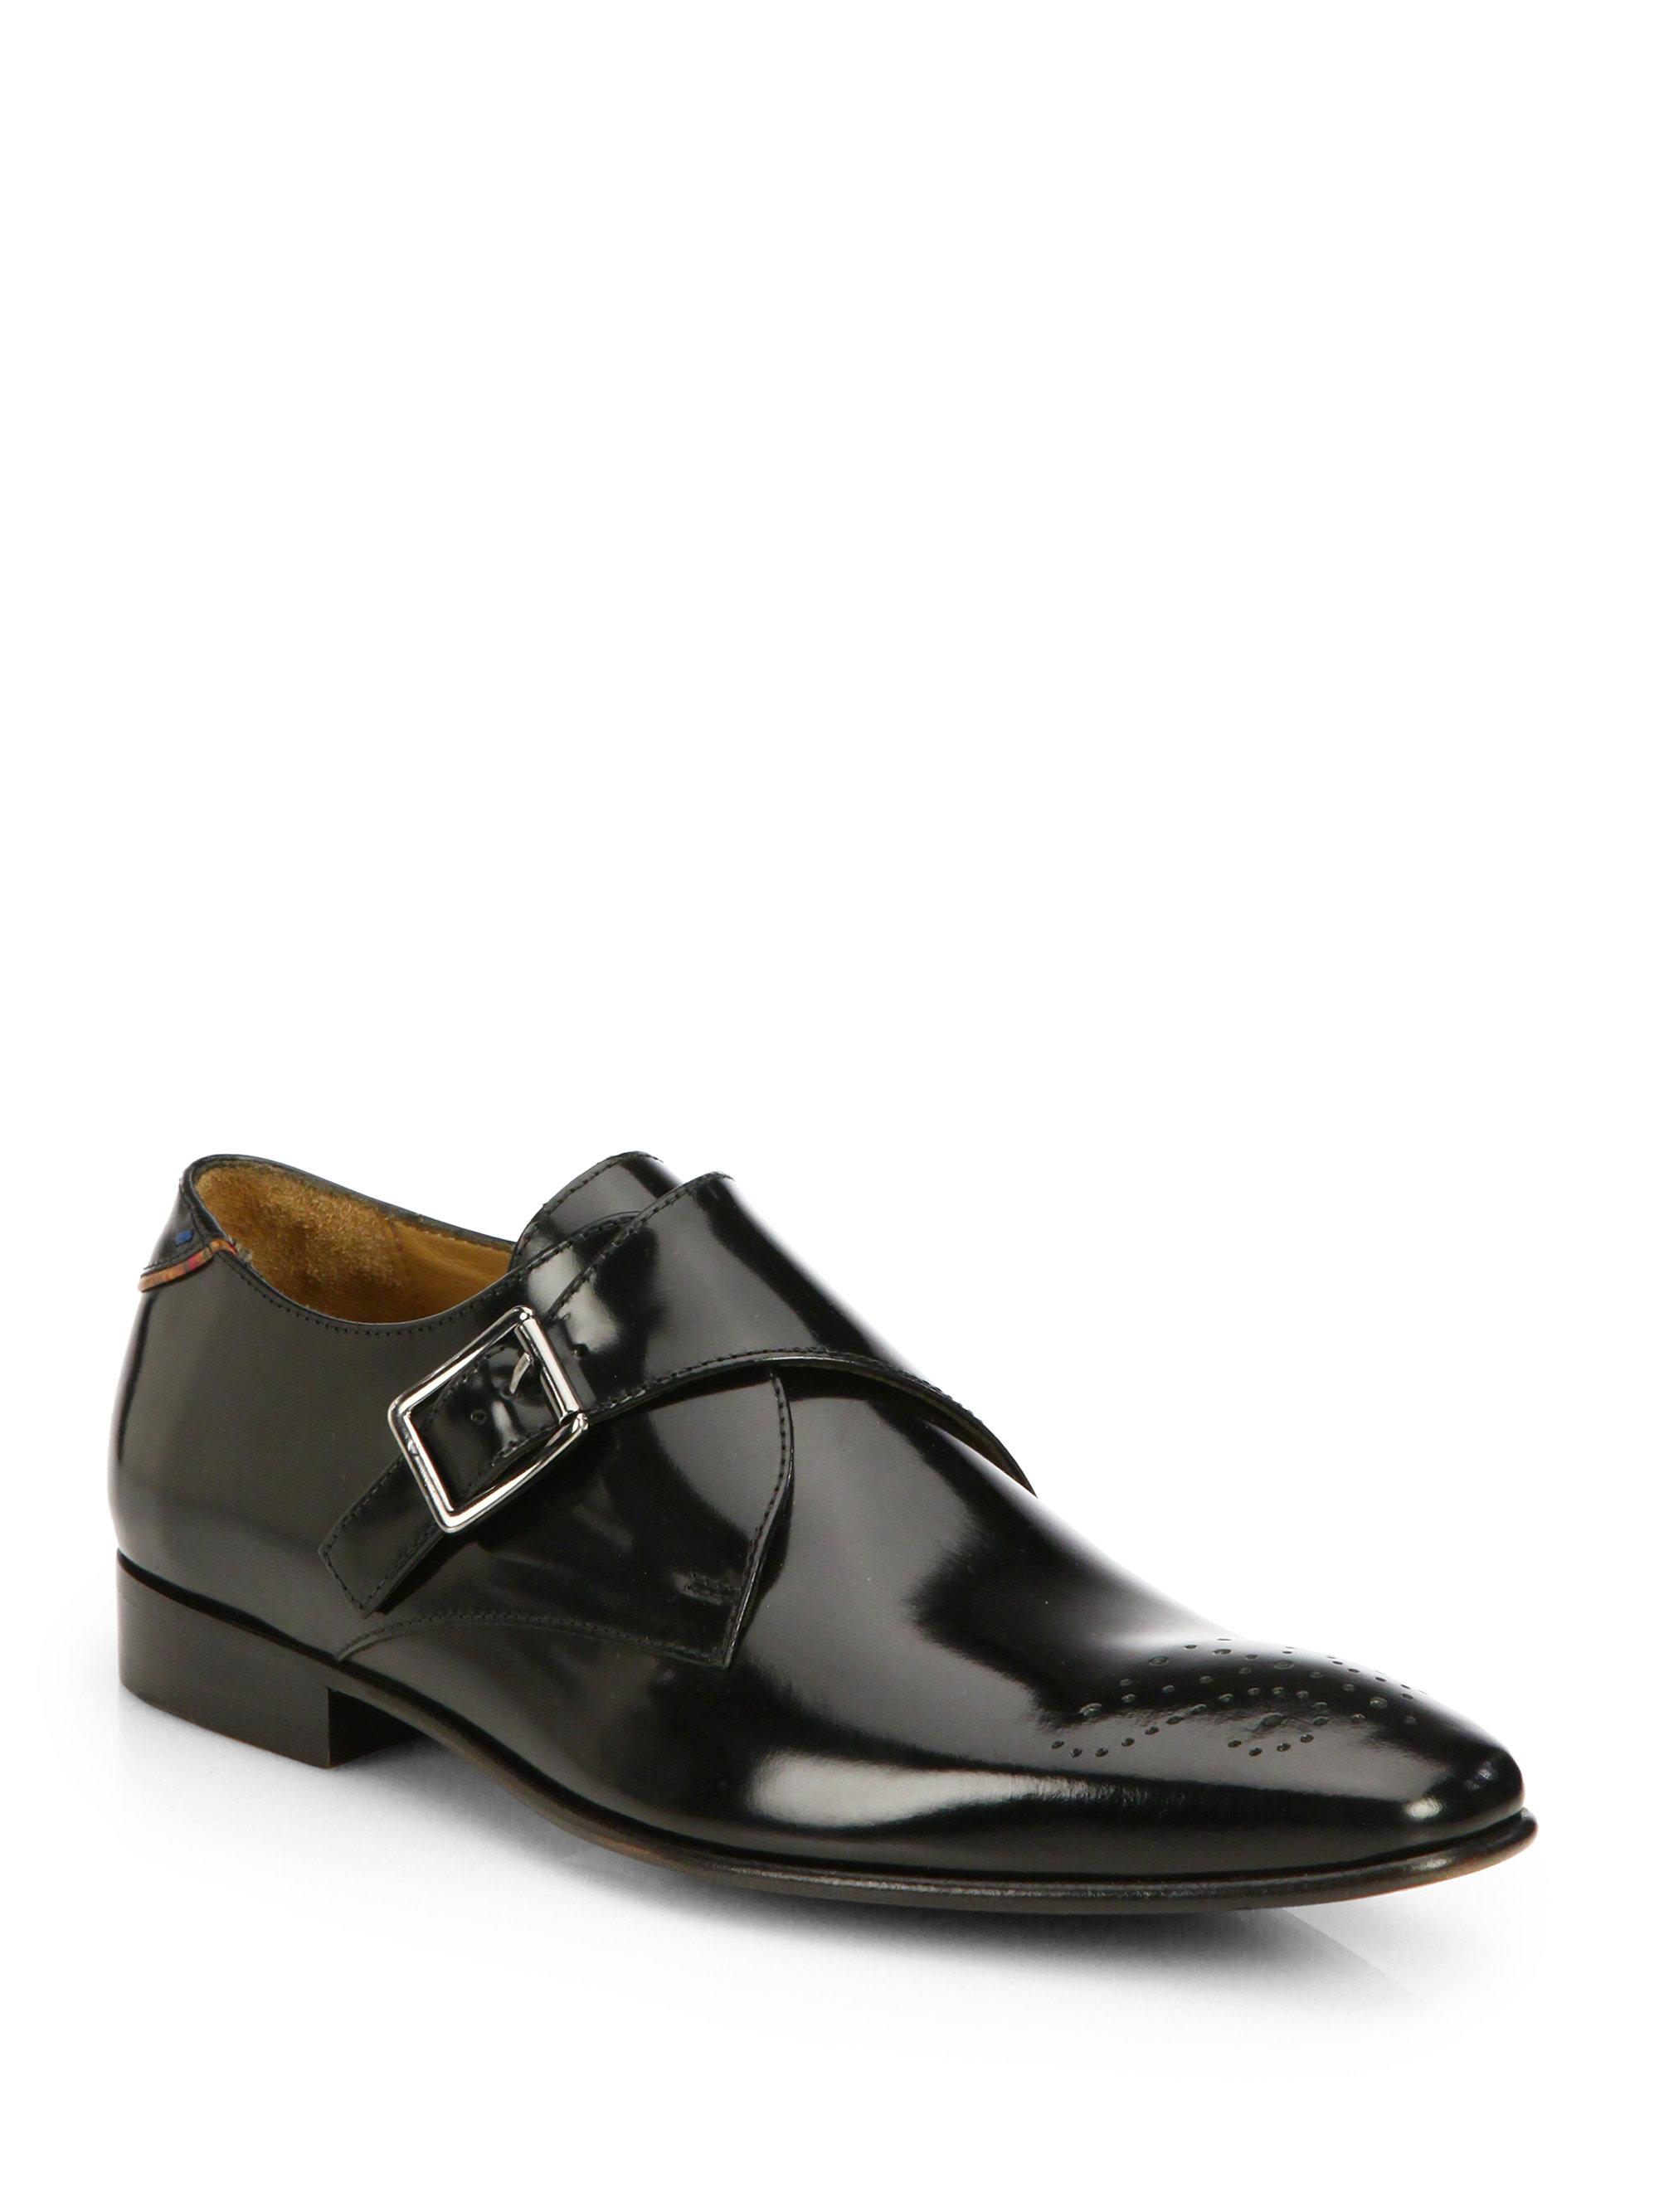 The Rack Men S Shoes